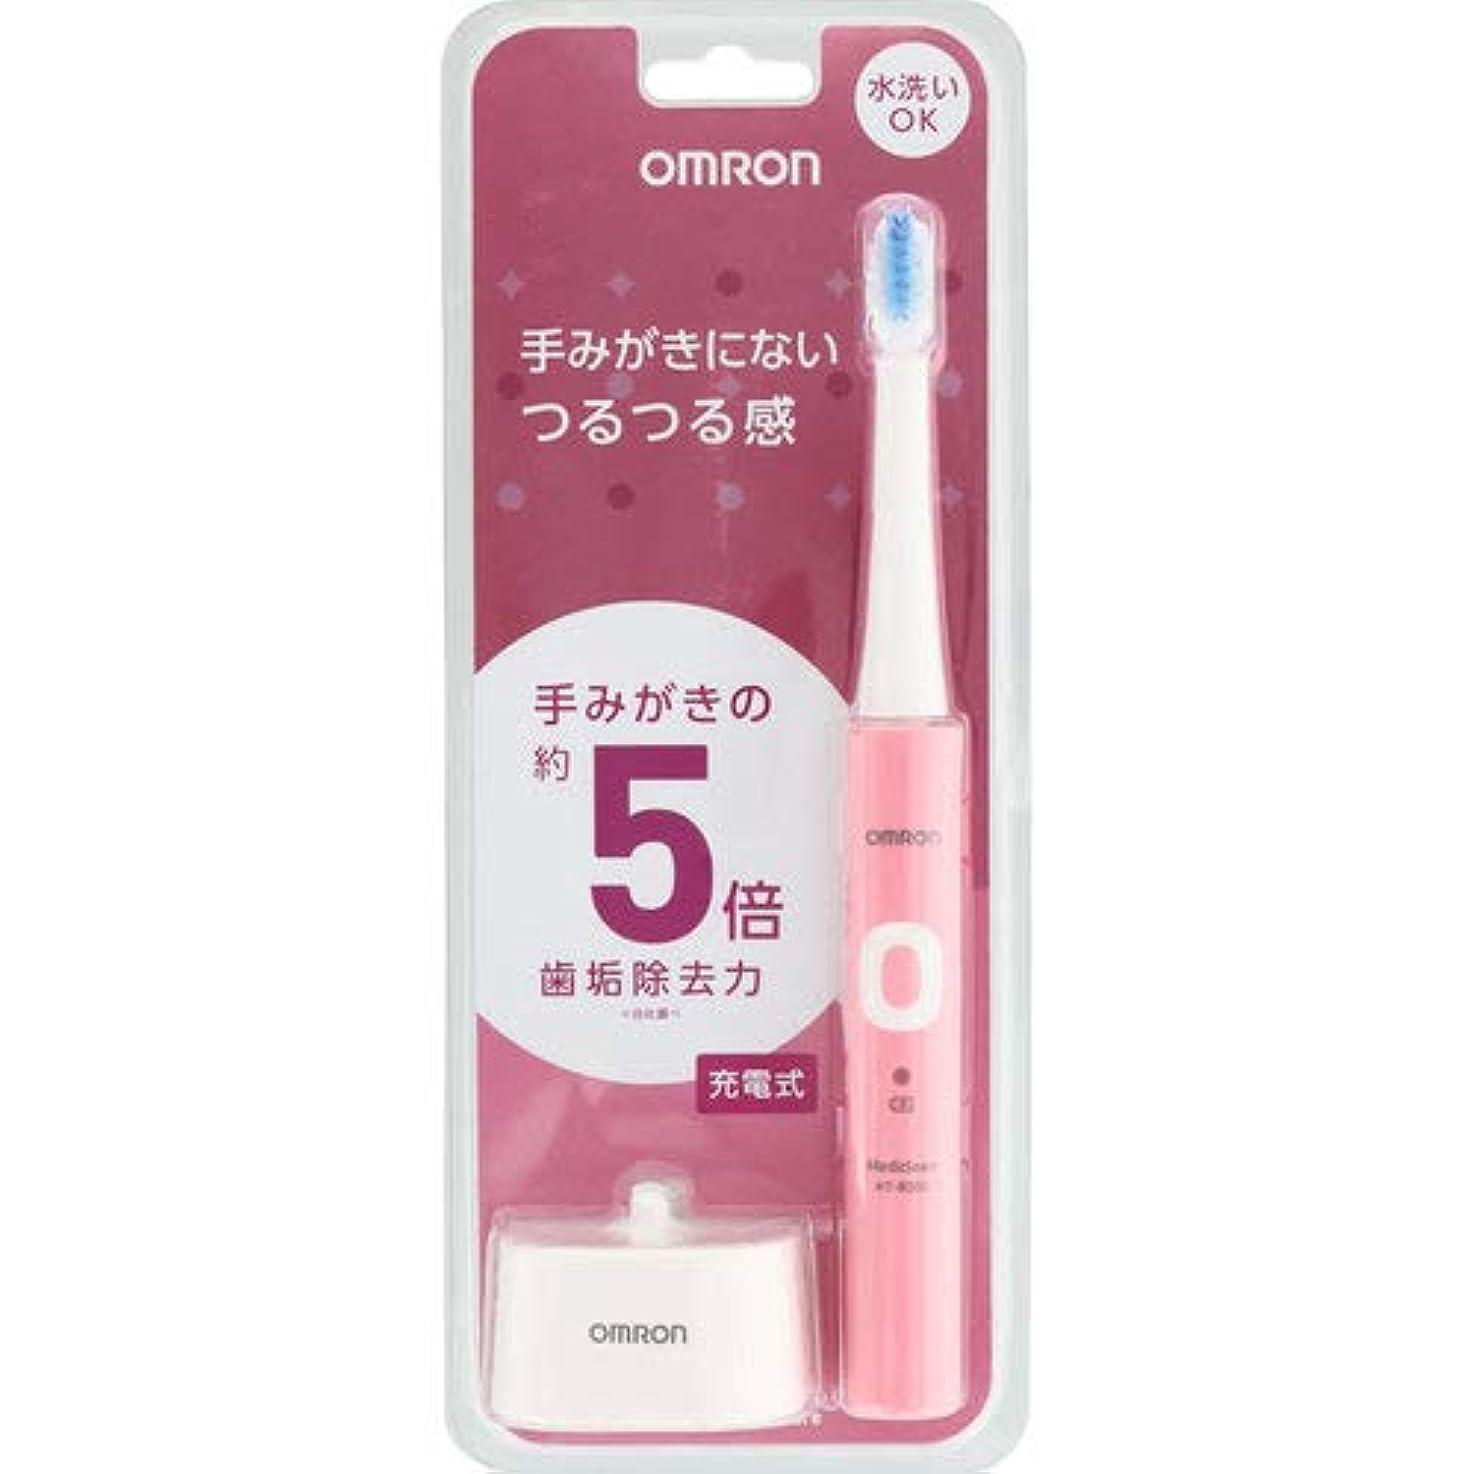 対終点無駄オムロン 電動歯ブラシ HT-B303-PK ピンク 充電式